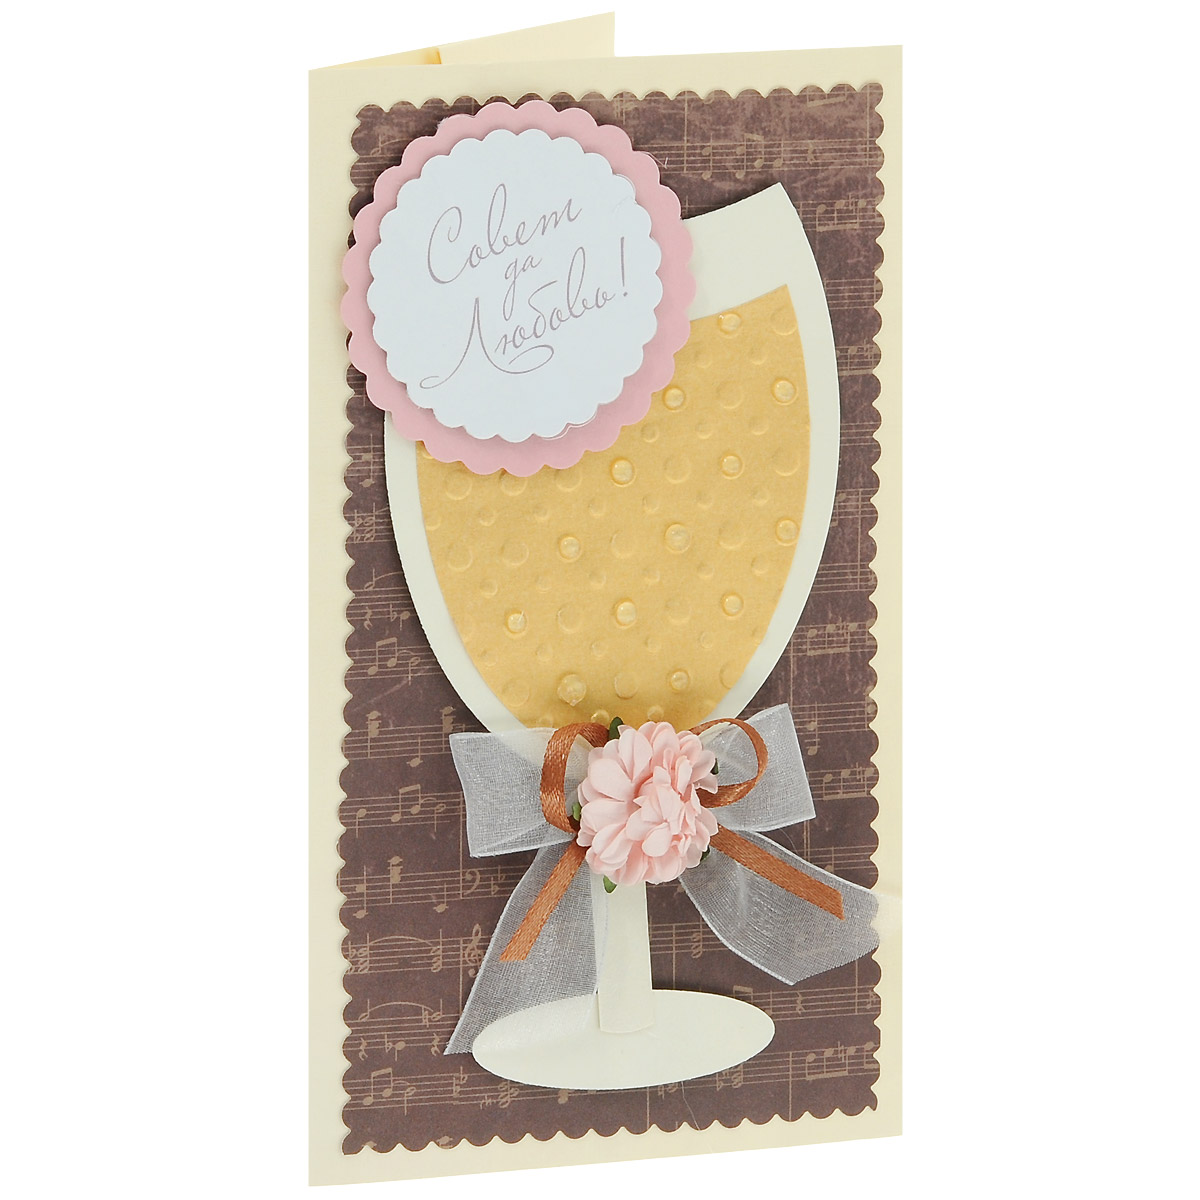 ОСВ-0007 Открытка-конверт «Совет да Любовь!» (бокал). Студия «Тётя Роза»67078Характеристики: Размер 19 см x 11 см.Материал: Высоко-художественный картон, бумага, декор. Данная открытка может стать как прекрасным дополнением к вашему подарку, так и самостоятельным подарком. Так как открытка является и конвертом, в который вы можете вложить ваш денежный подарок или просто написать ваши пожелания на вкладыше. В основе композиционного решения этого свадебного поздравления лежит идея веселого праздничного застолья с большими бокалами наполненными до краёв янтарными напитками. Музыка, цветы и пышные ленты, использованные в дизайне этого конверта, - все это атрибуты праздника, который надолго остается в наших воспоминаниях. Также открытка упакована в пакетик для сохранности.Обращаем Ваше внимание на то, что открытка может незначительно отличаться от представленной на фото. Открытки ручной работы от студии Тётя Роза отличаются своим неповторимым и ярким стилем. Каждая уникальна и выполнена вручную мастерами студии. (Открытка для мужчин, открытка для женщины, открытка на день рождения, открытка с днем свадьбы, открытка винтаж, открытка с юбилеем, открытка на все случаи, скрапбукинг)